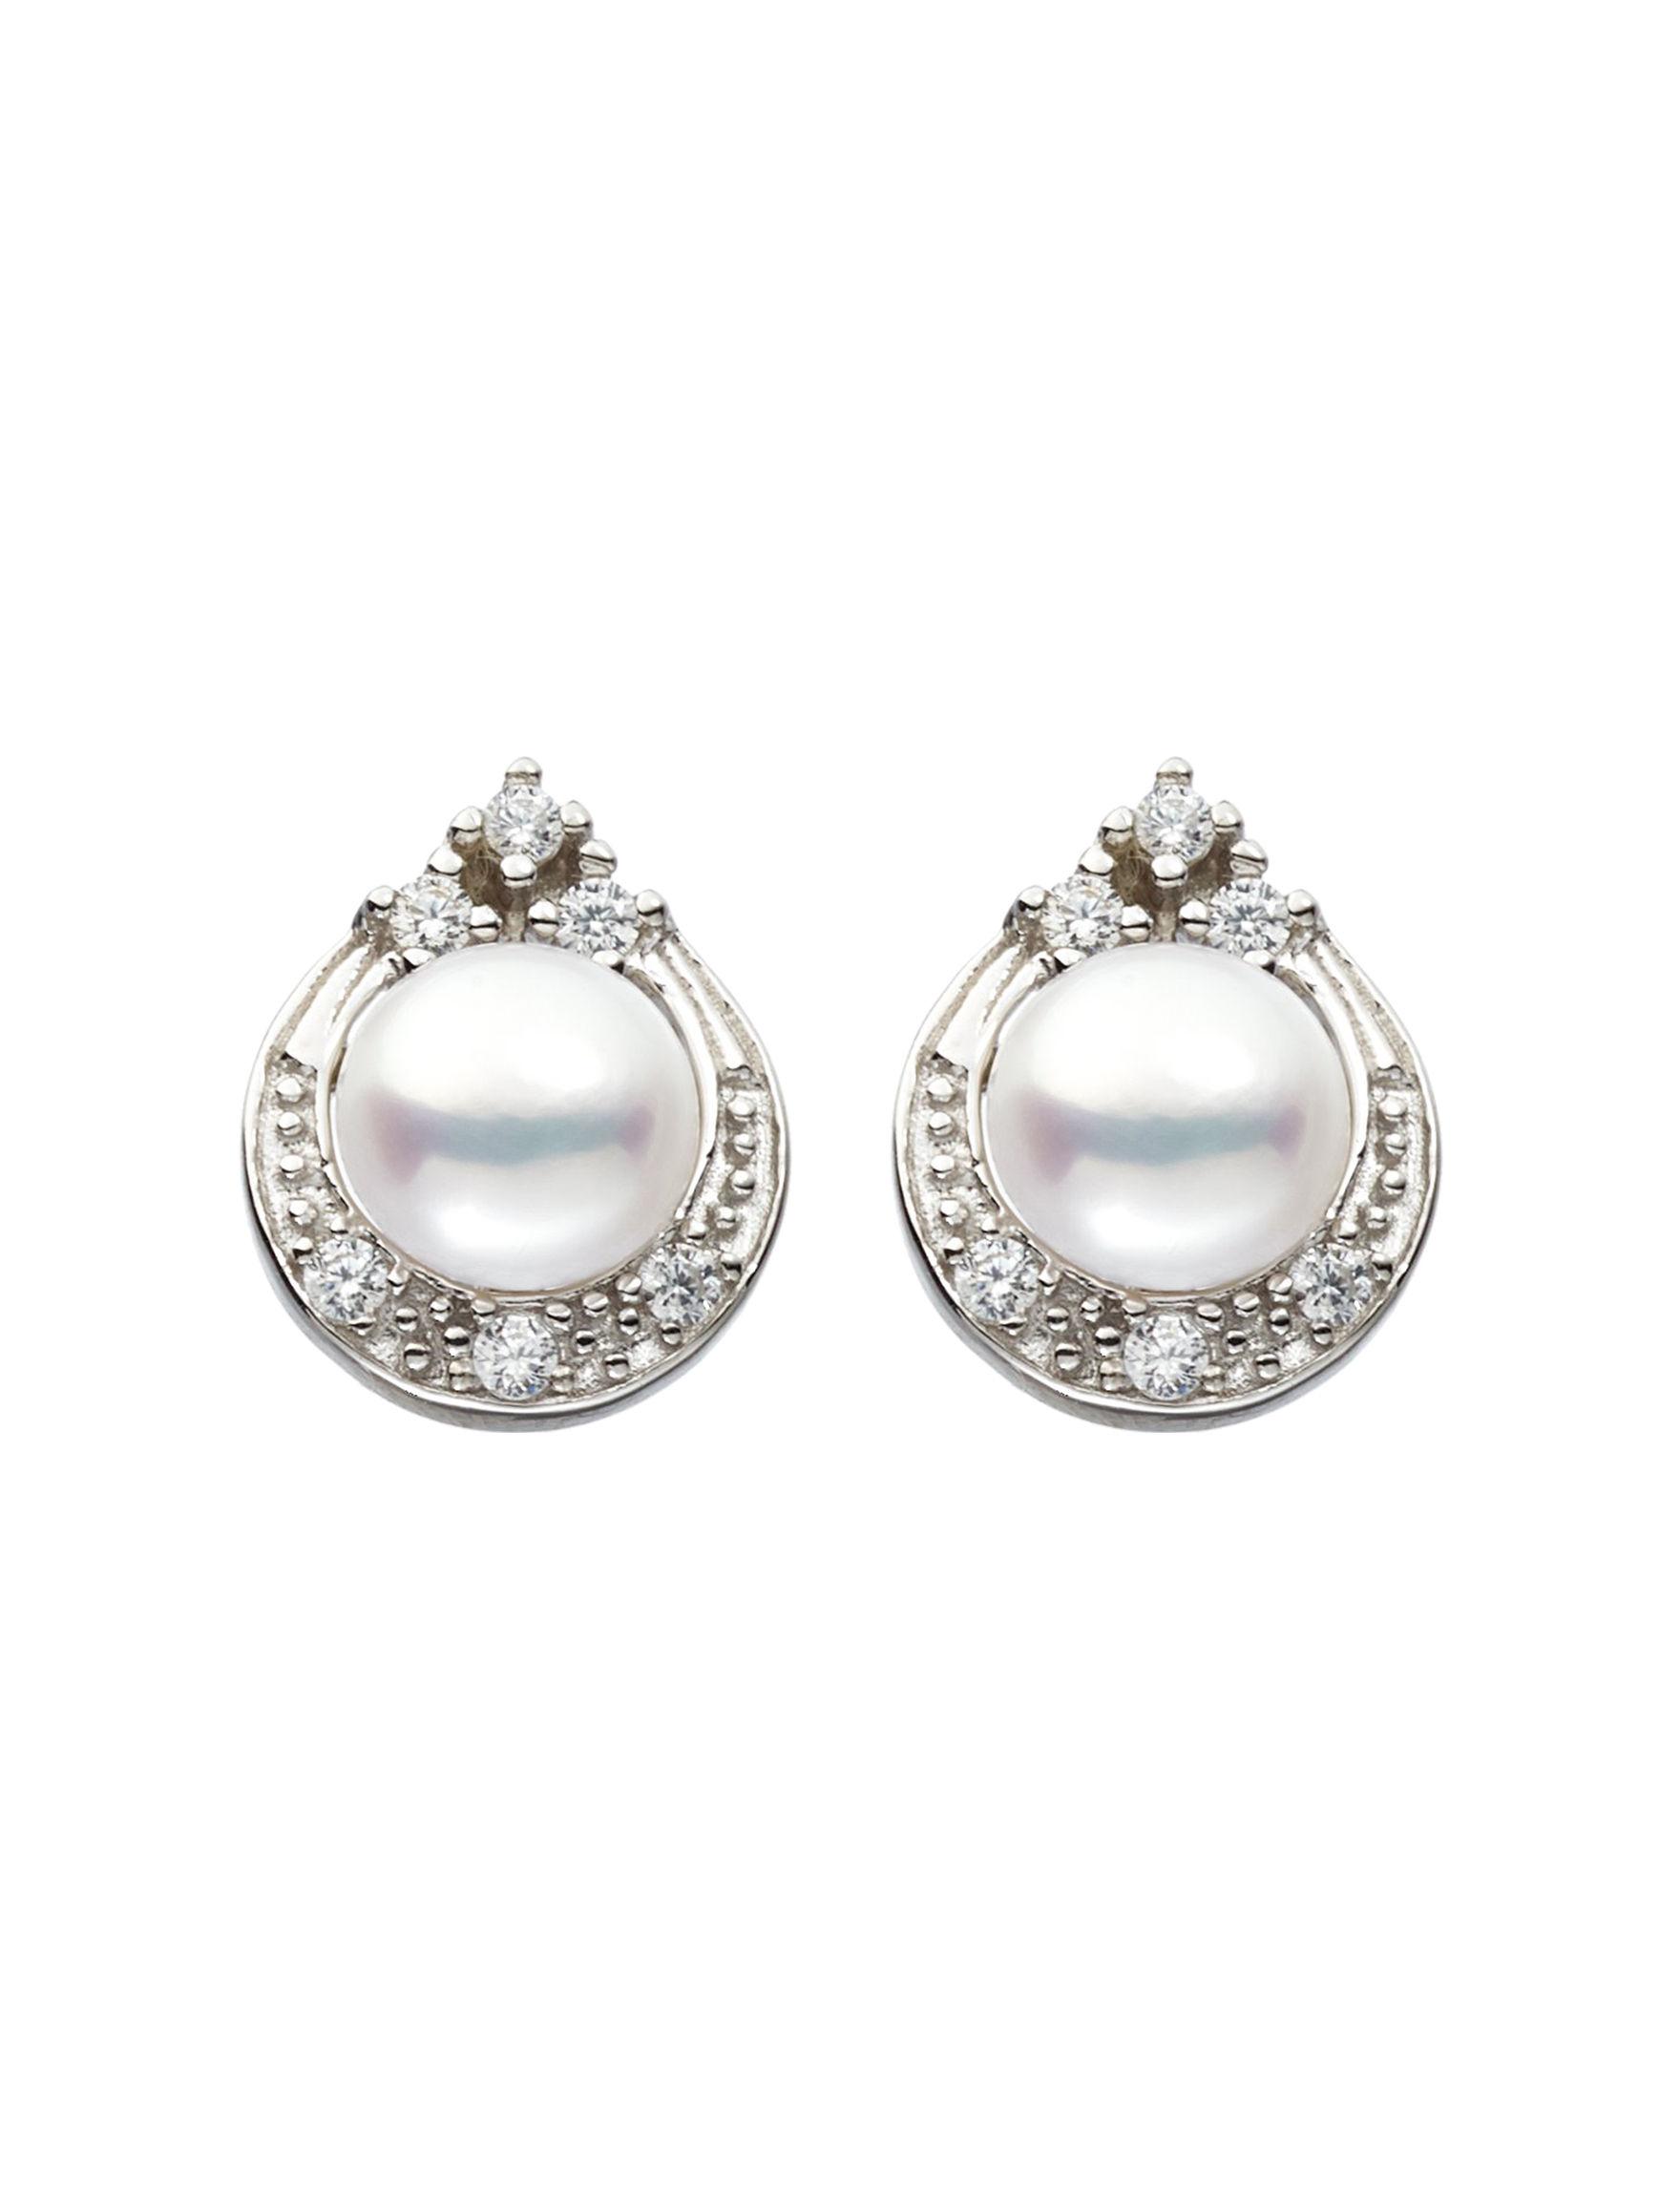 Kencraft White / Silver Studs Earrings Fine Jewelry